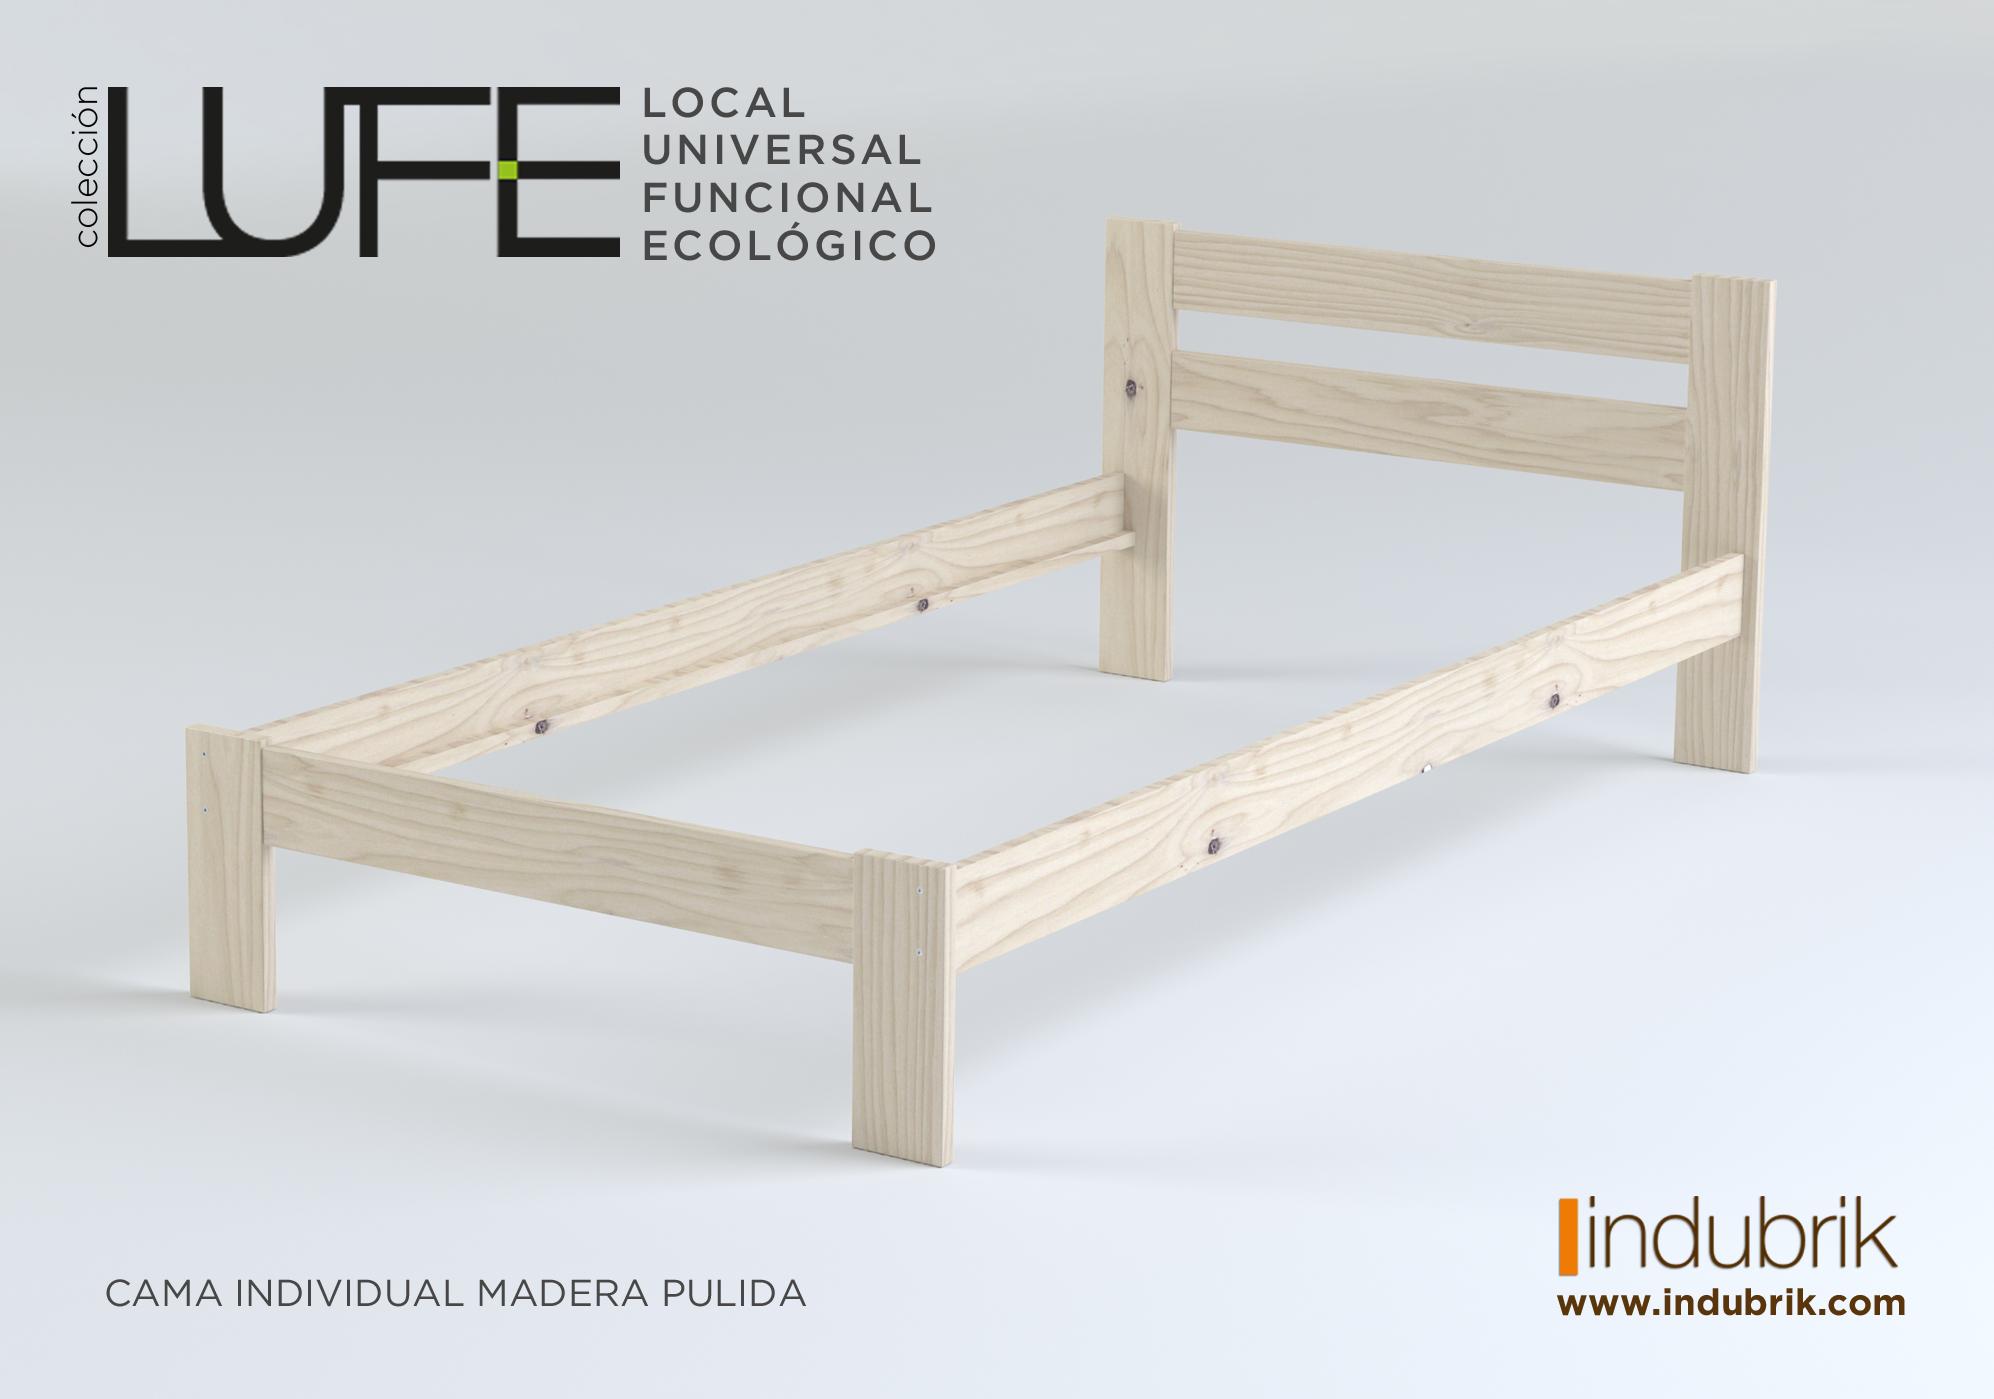 Lufe muebles nacionales anticrisis blog muebles lufe for Construccion de muebles de madera